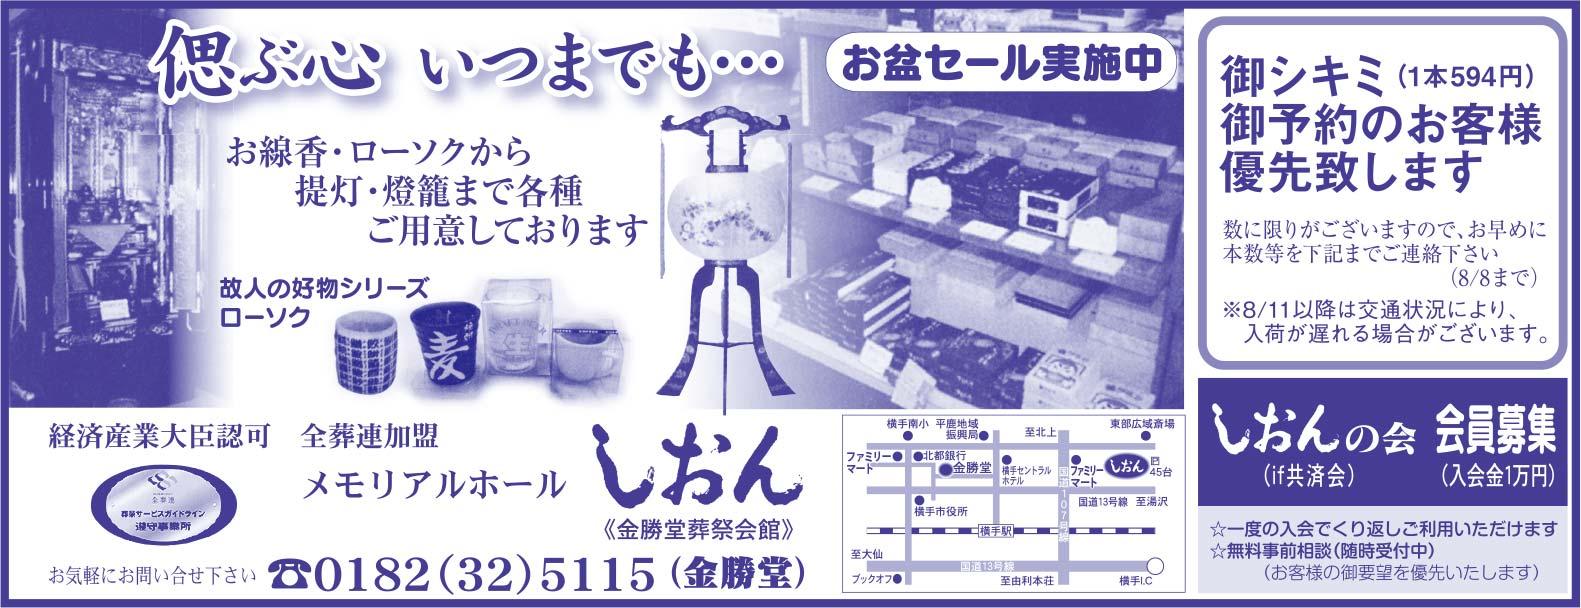 メモリアルホール しおん様の2020新春号広告